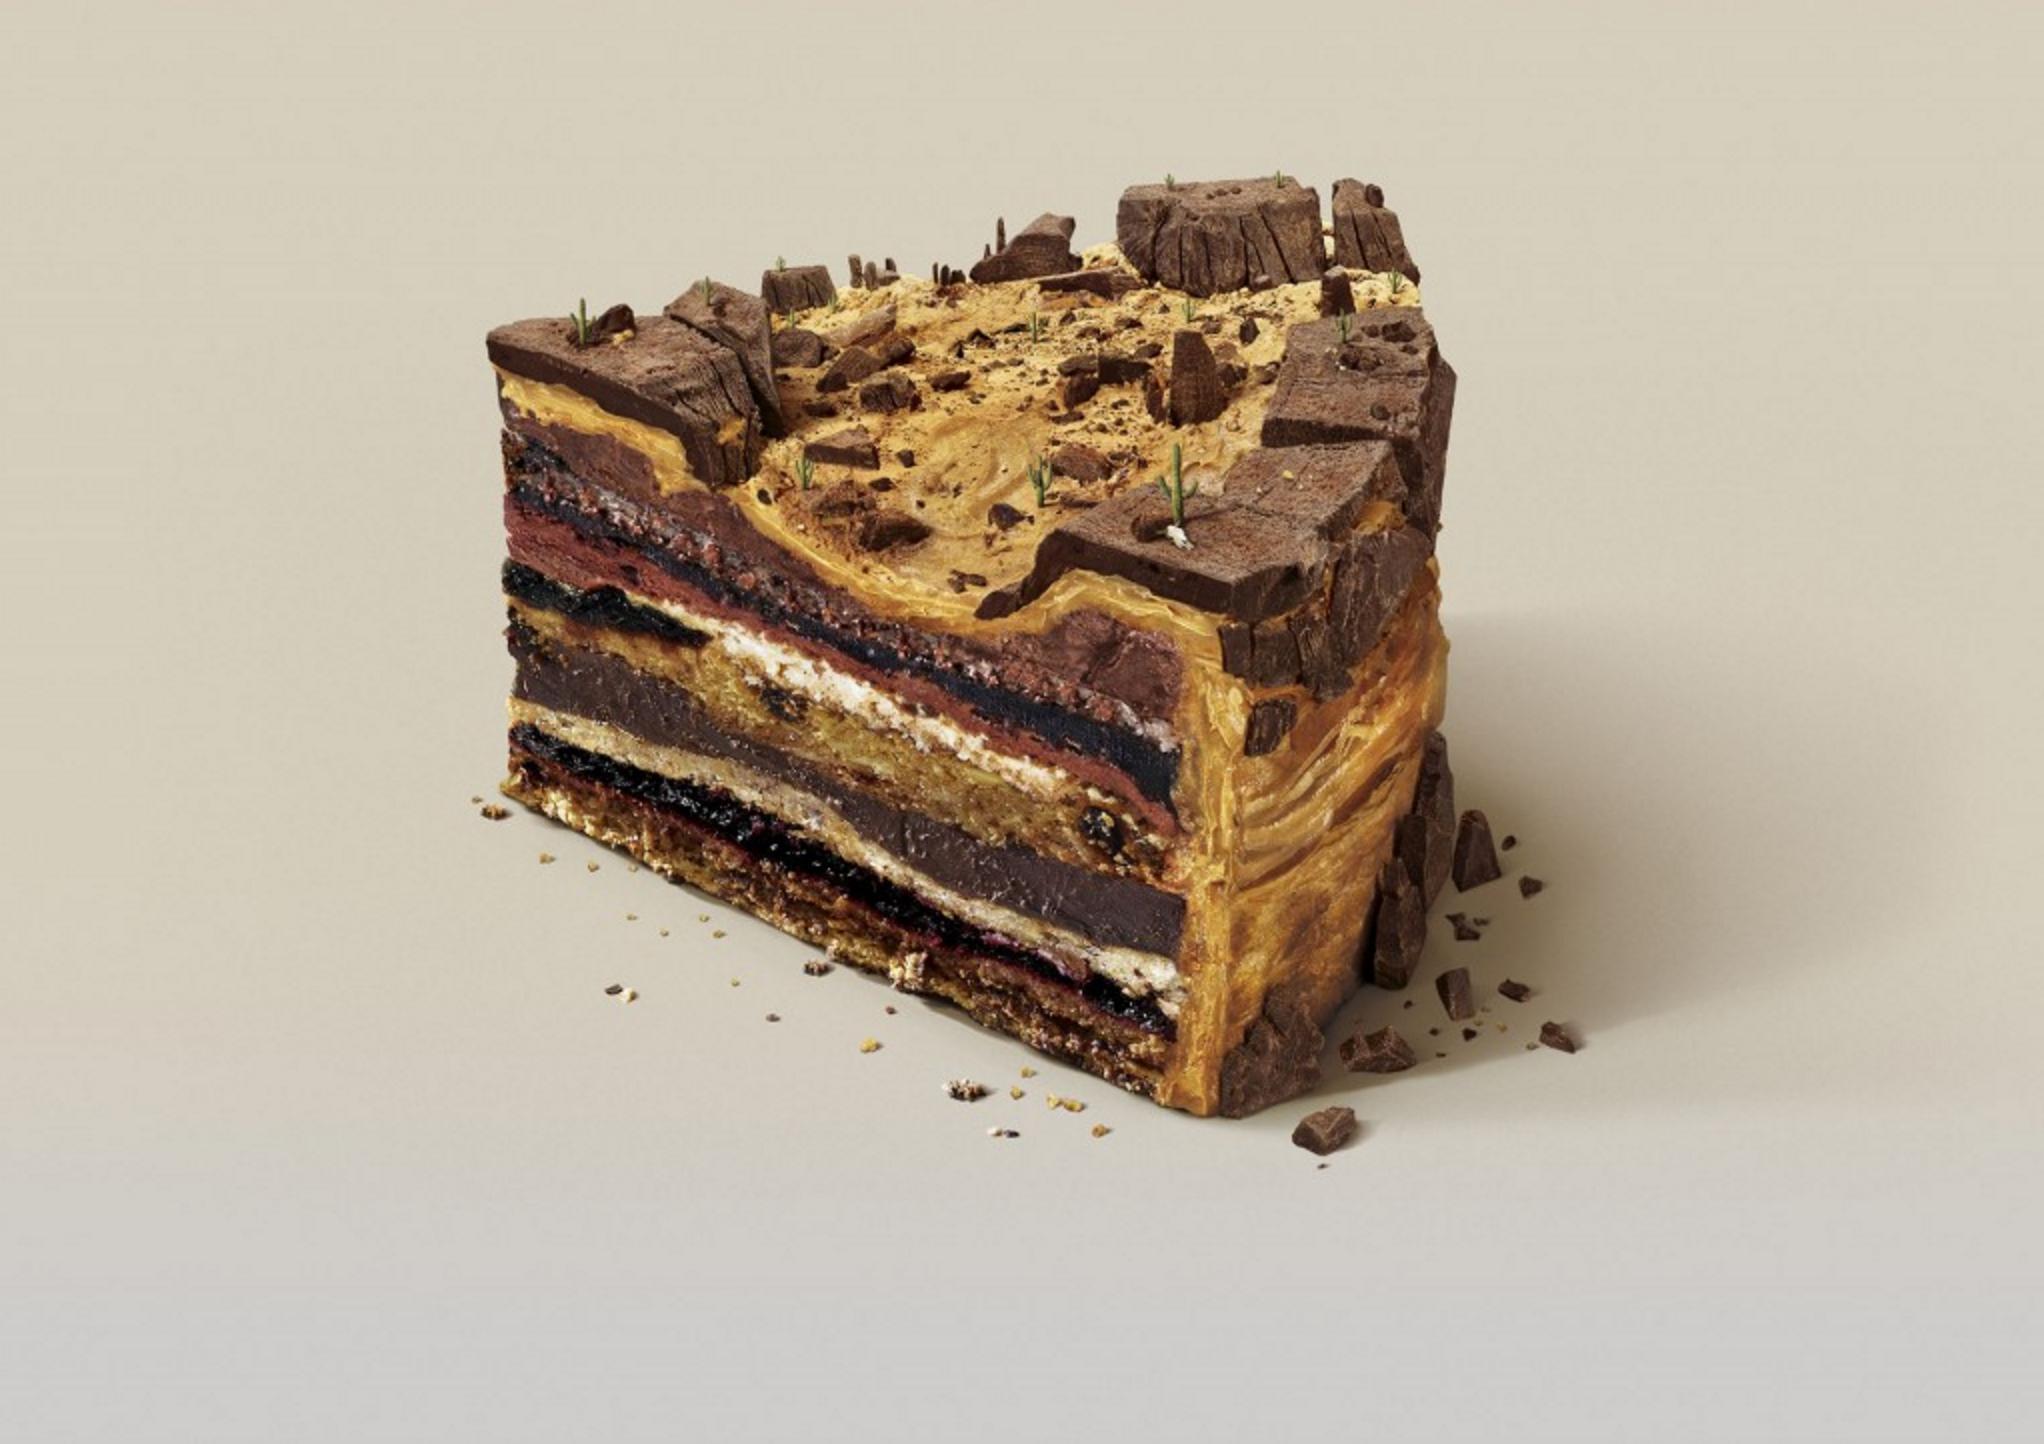 Nissan Xterra SUV – Desert Cake